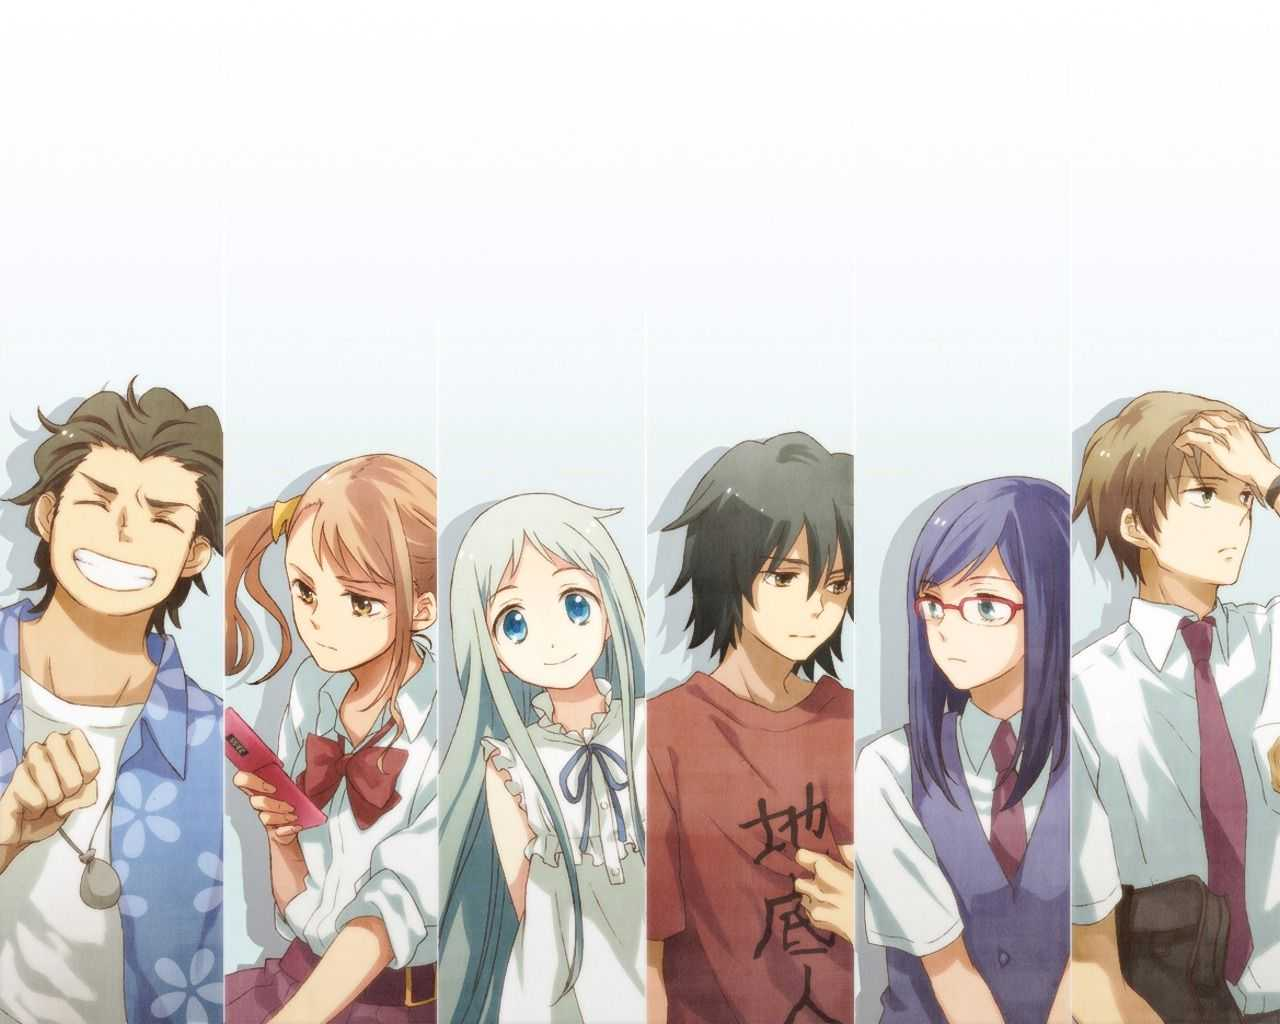 Ano Hana, di Mari Okada | Anime e inchiostro